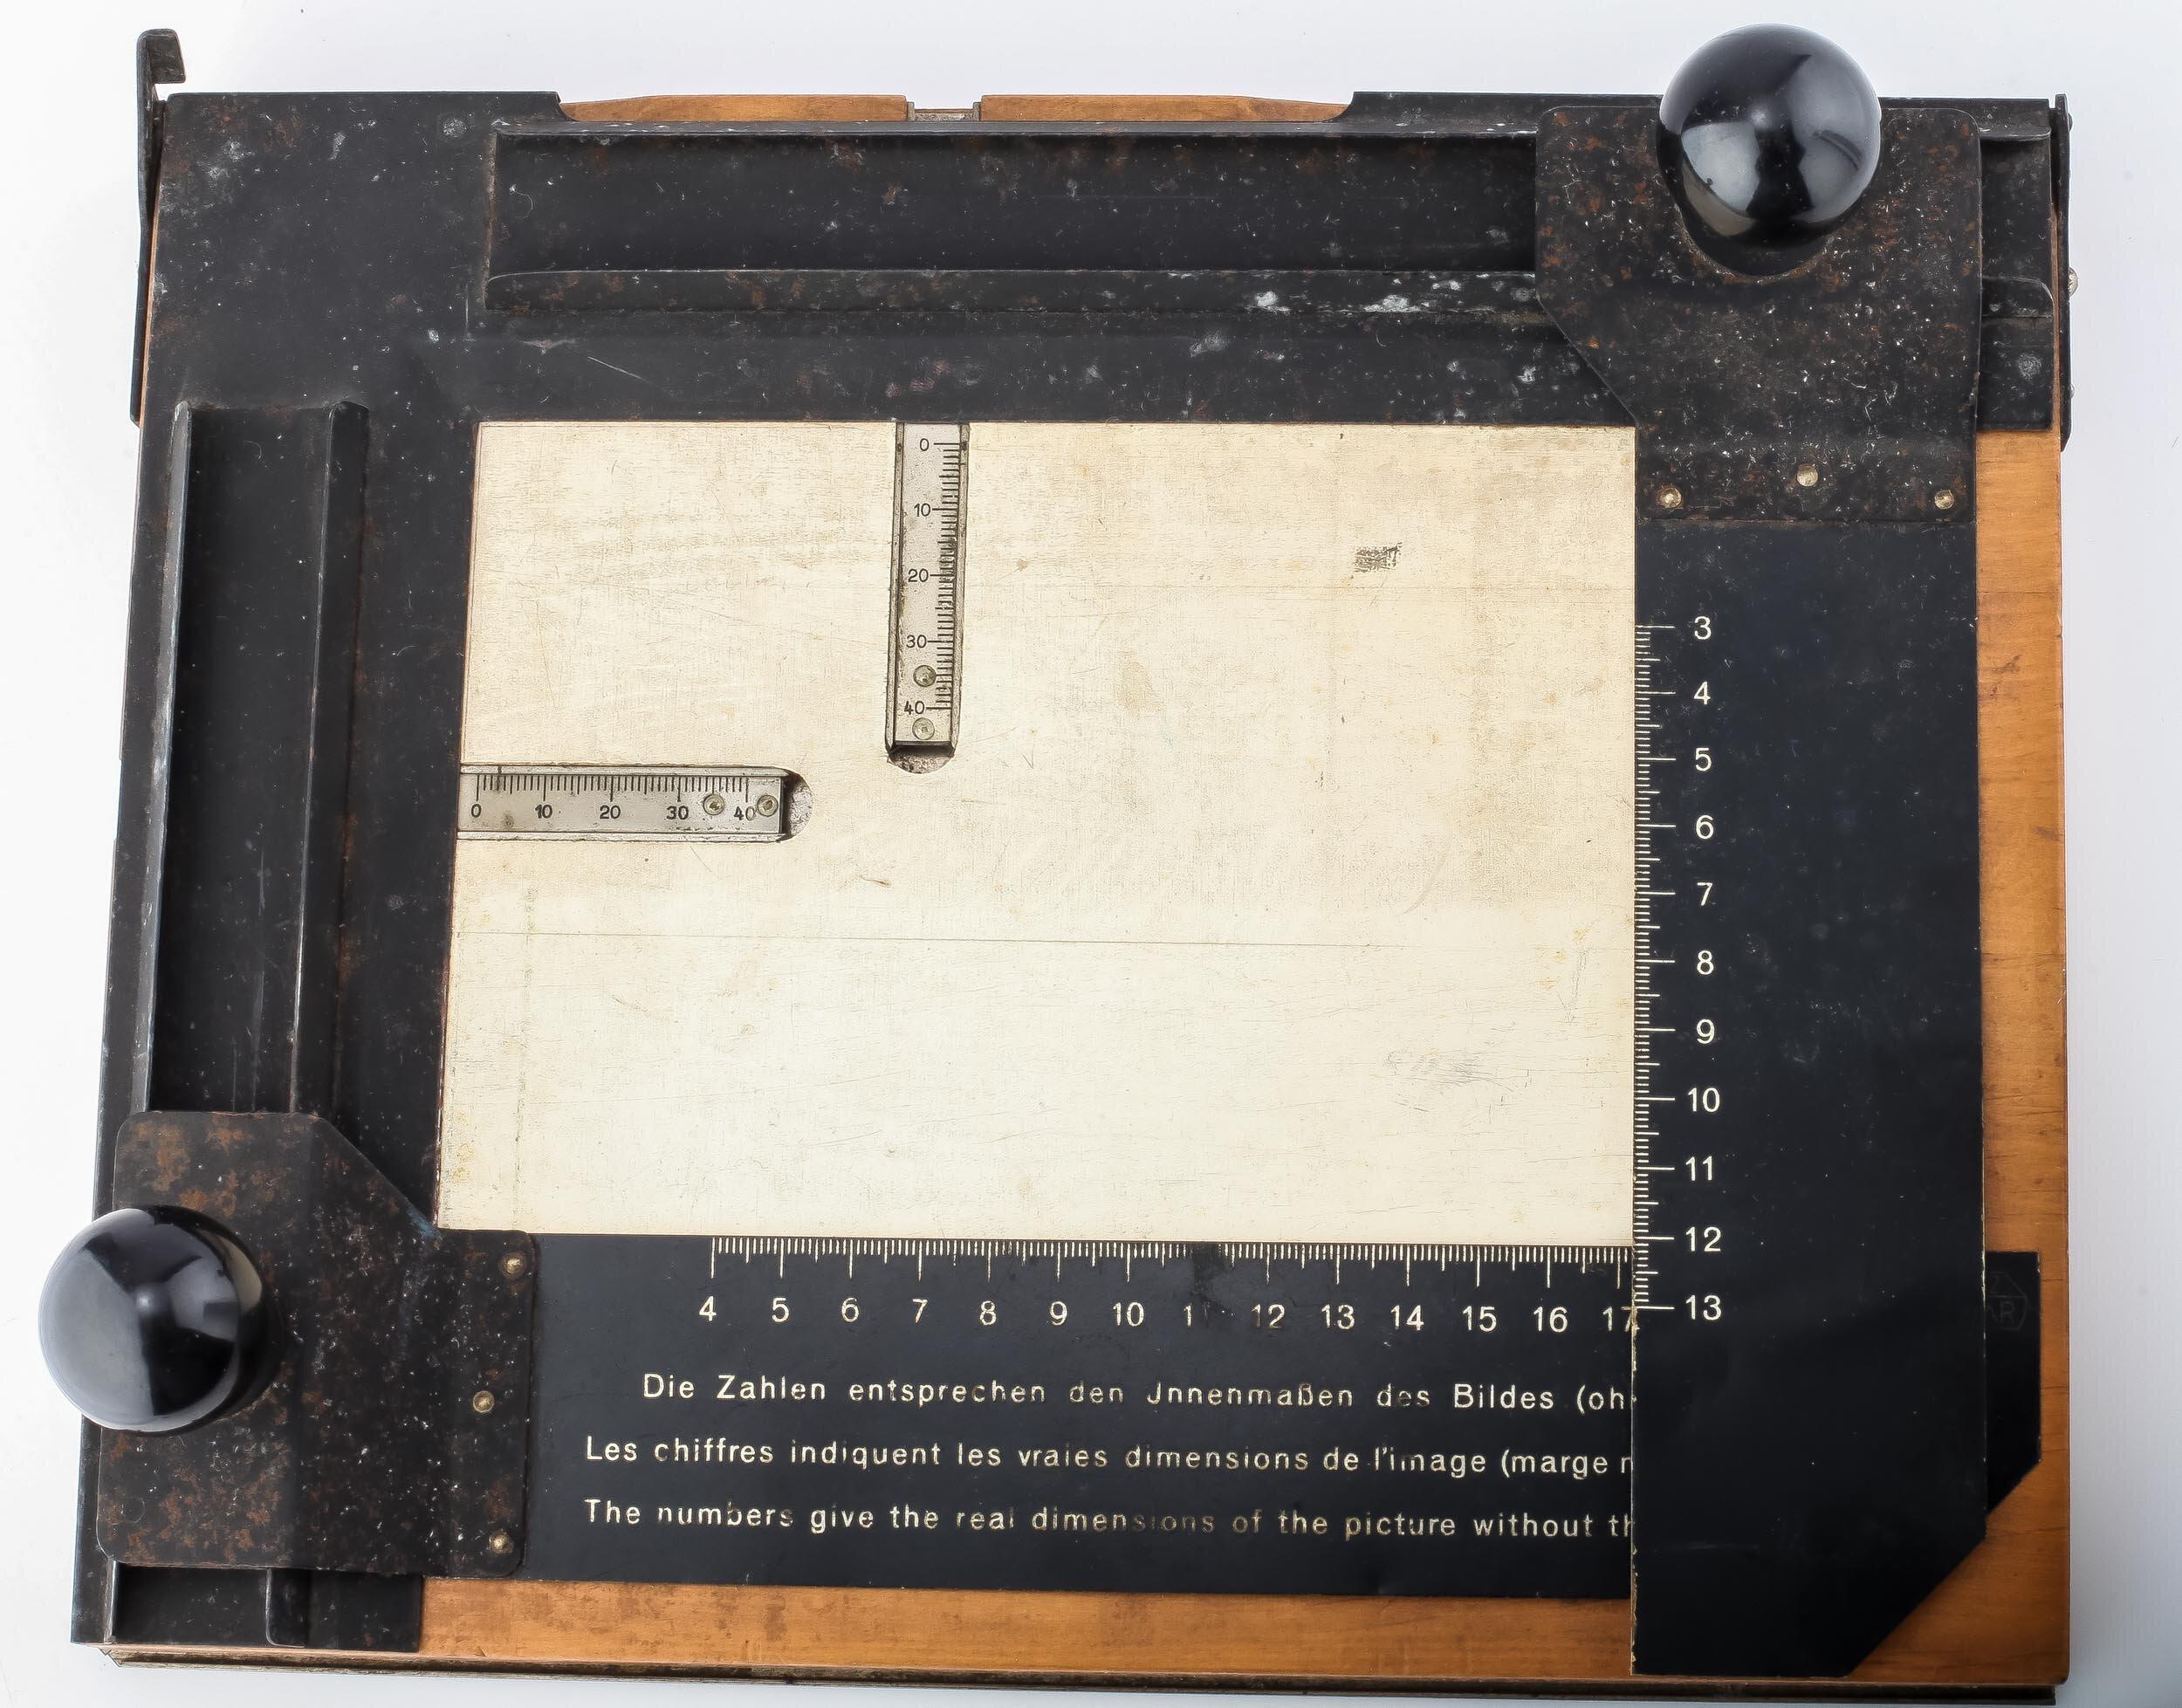 E. Leitz Wetzlar Vergrößerungsrahmen 13x18cm ca 1940 er Jahre